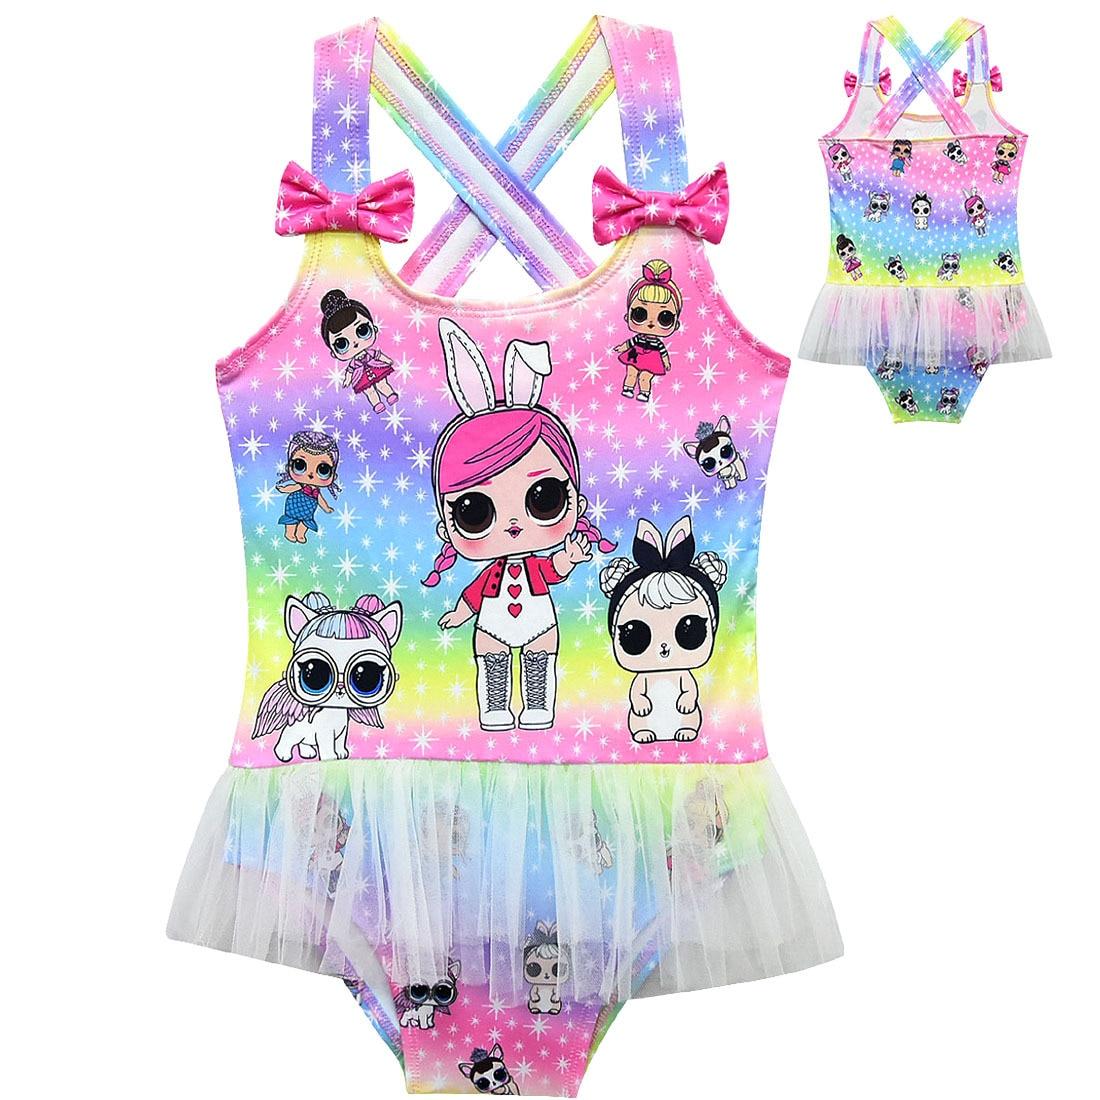 LOL-muñecos sorpresa originales, bañador para niña, traje de baño para niñas, playa, lol, muñecos para sorpresa, regalo de cumpleaños para fiesta, chico